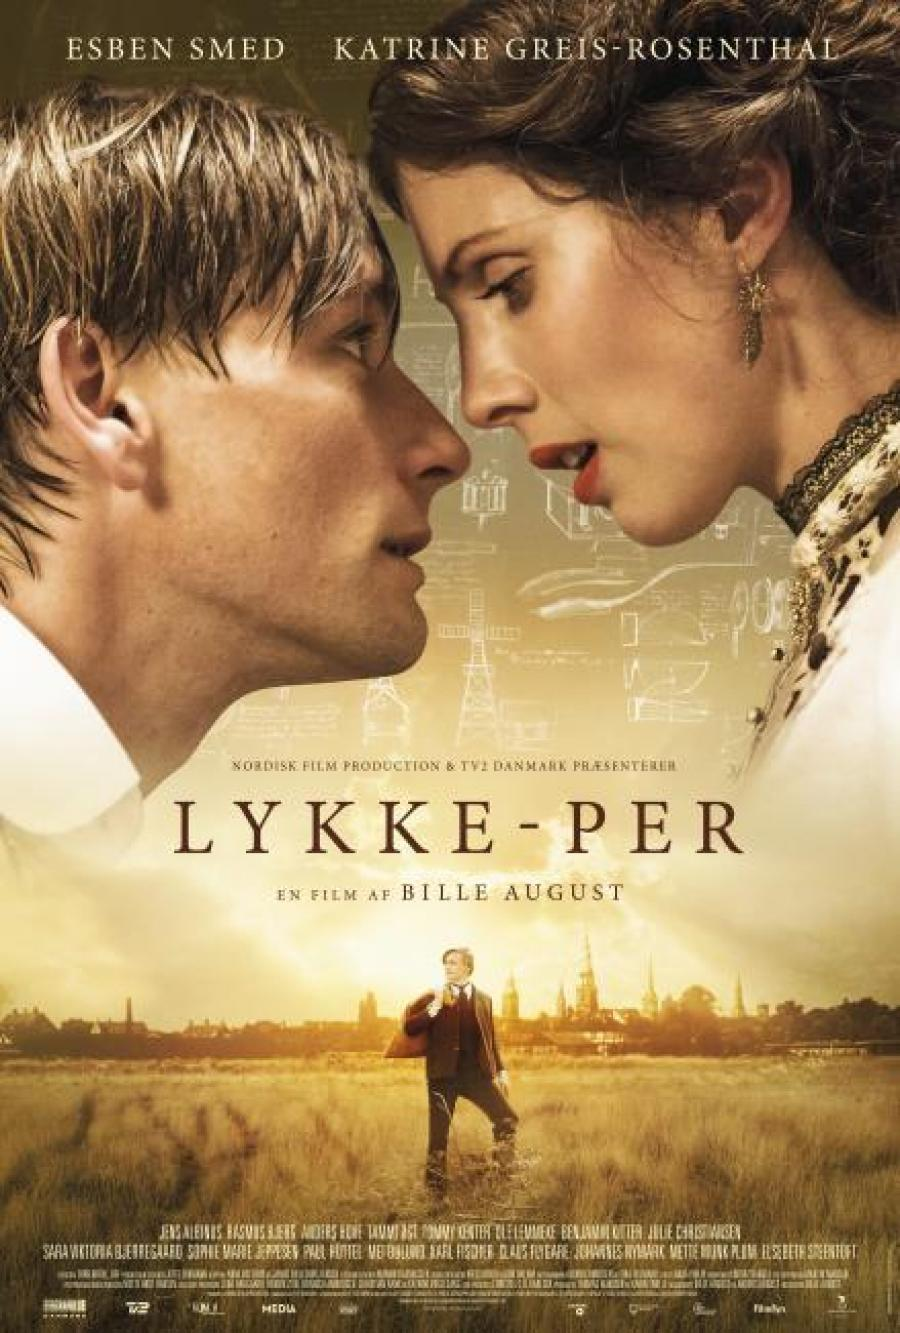 Lykke-Per filmplakat © Nordisk Film